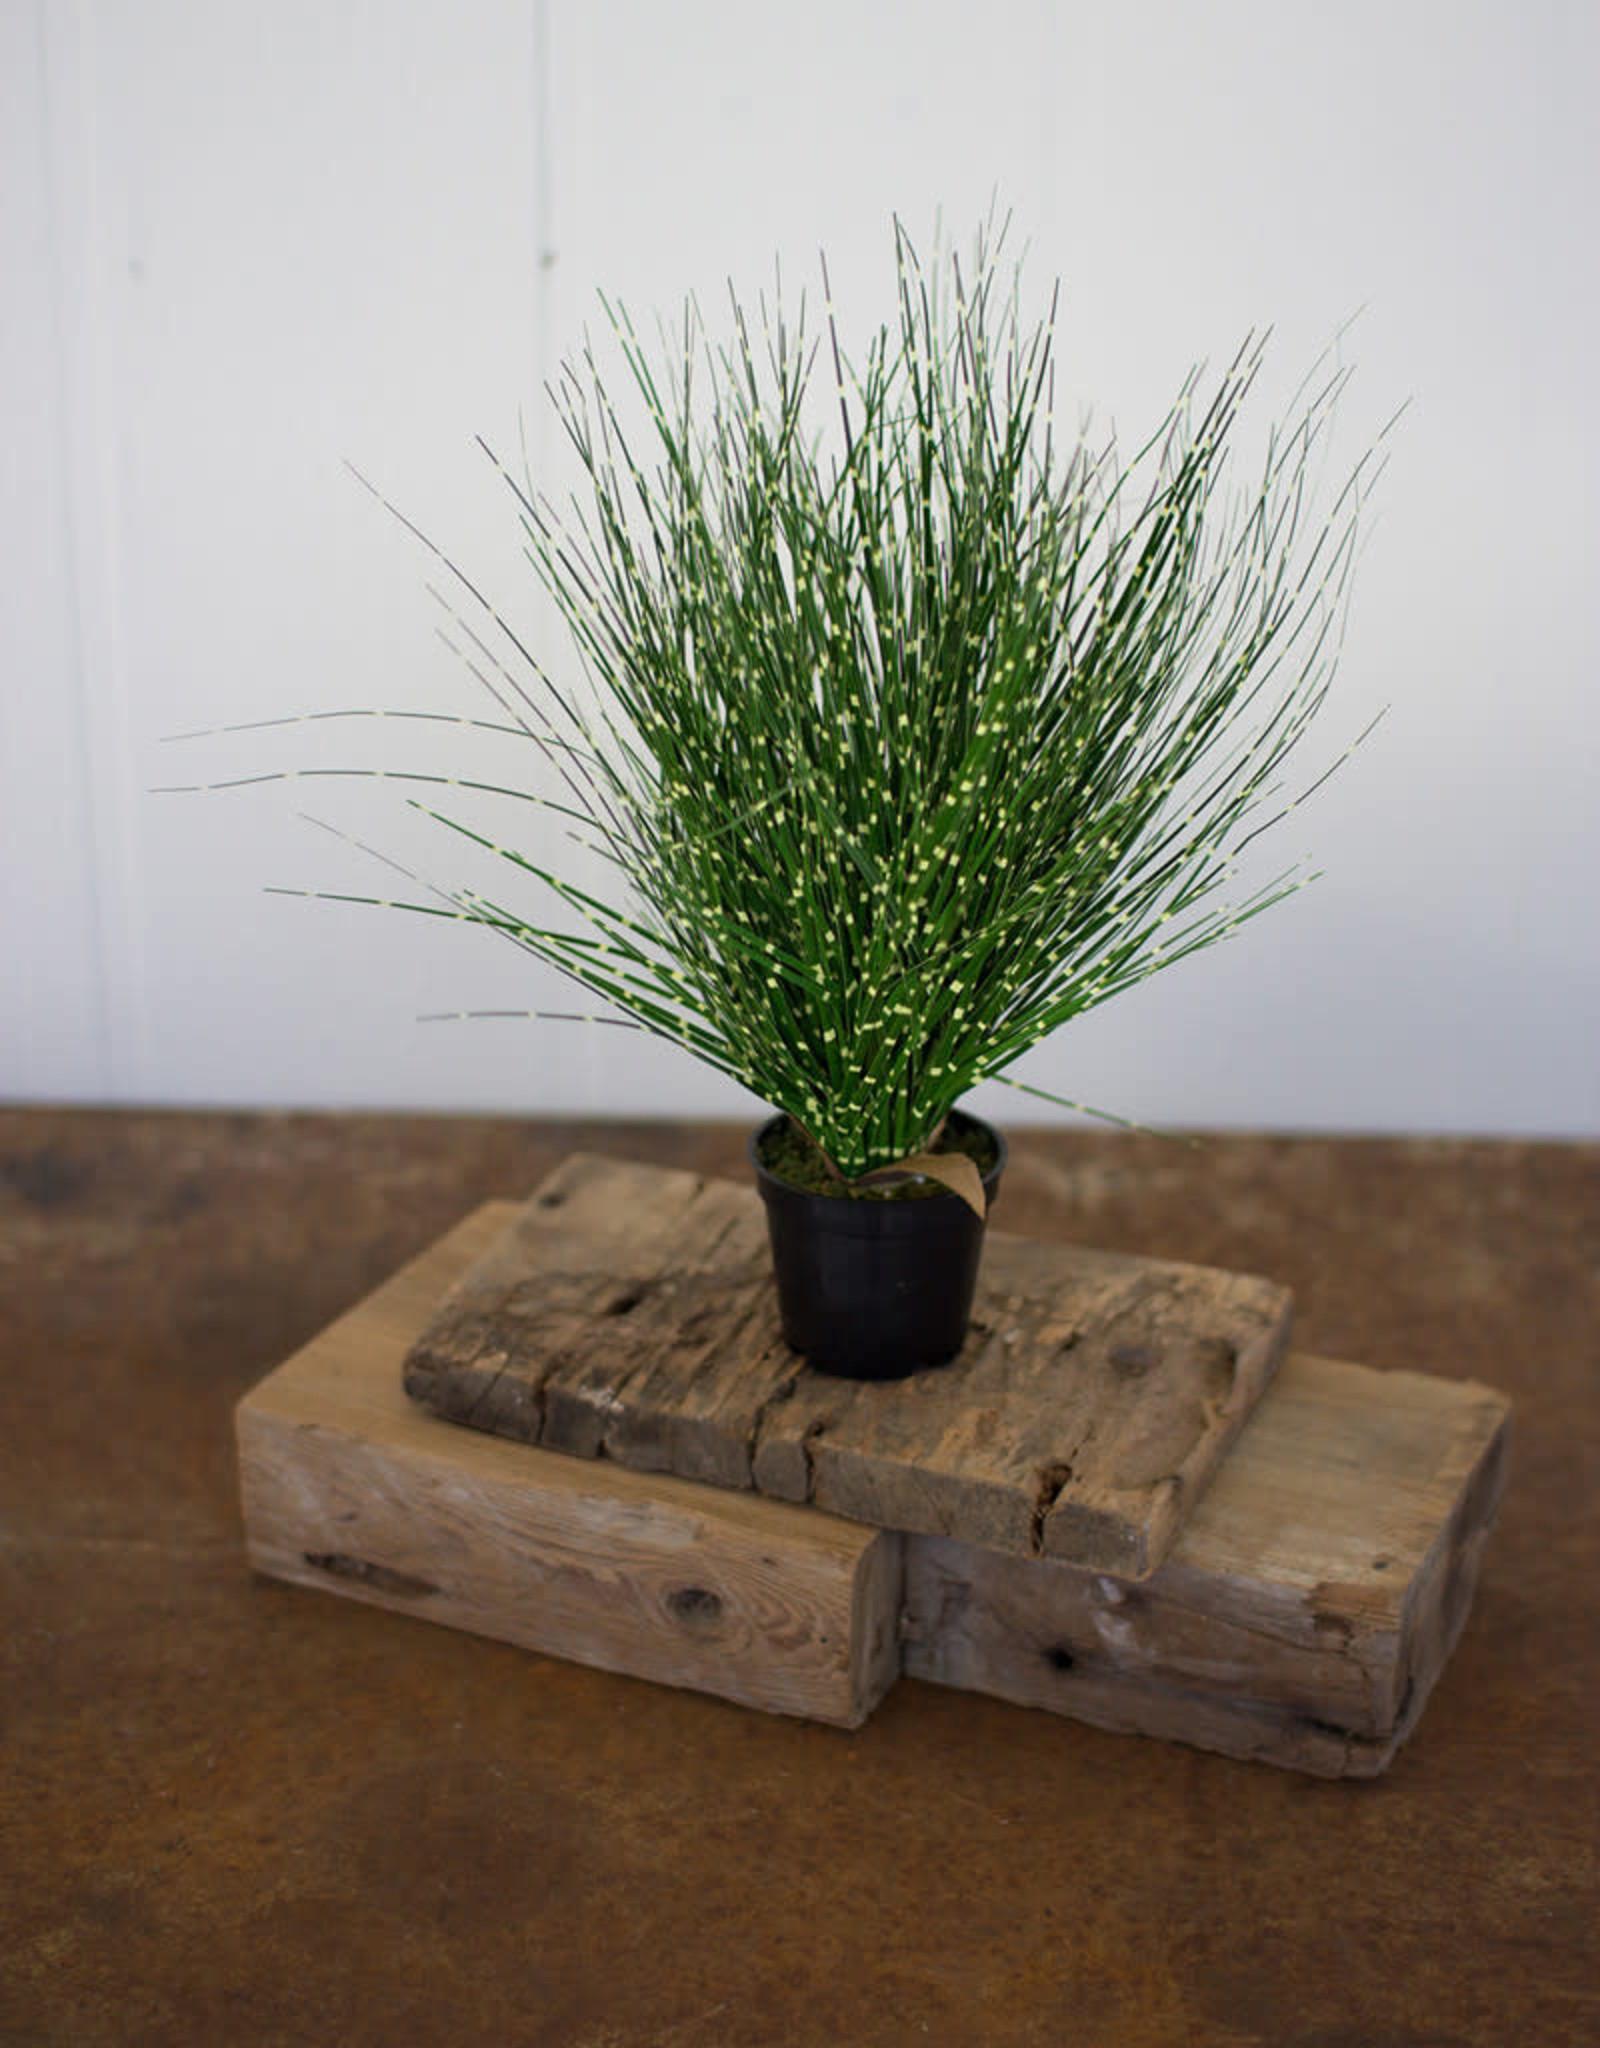 Kalalou Grass with Plastic Pot